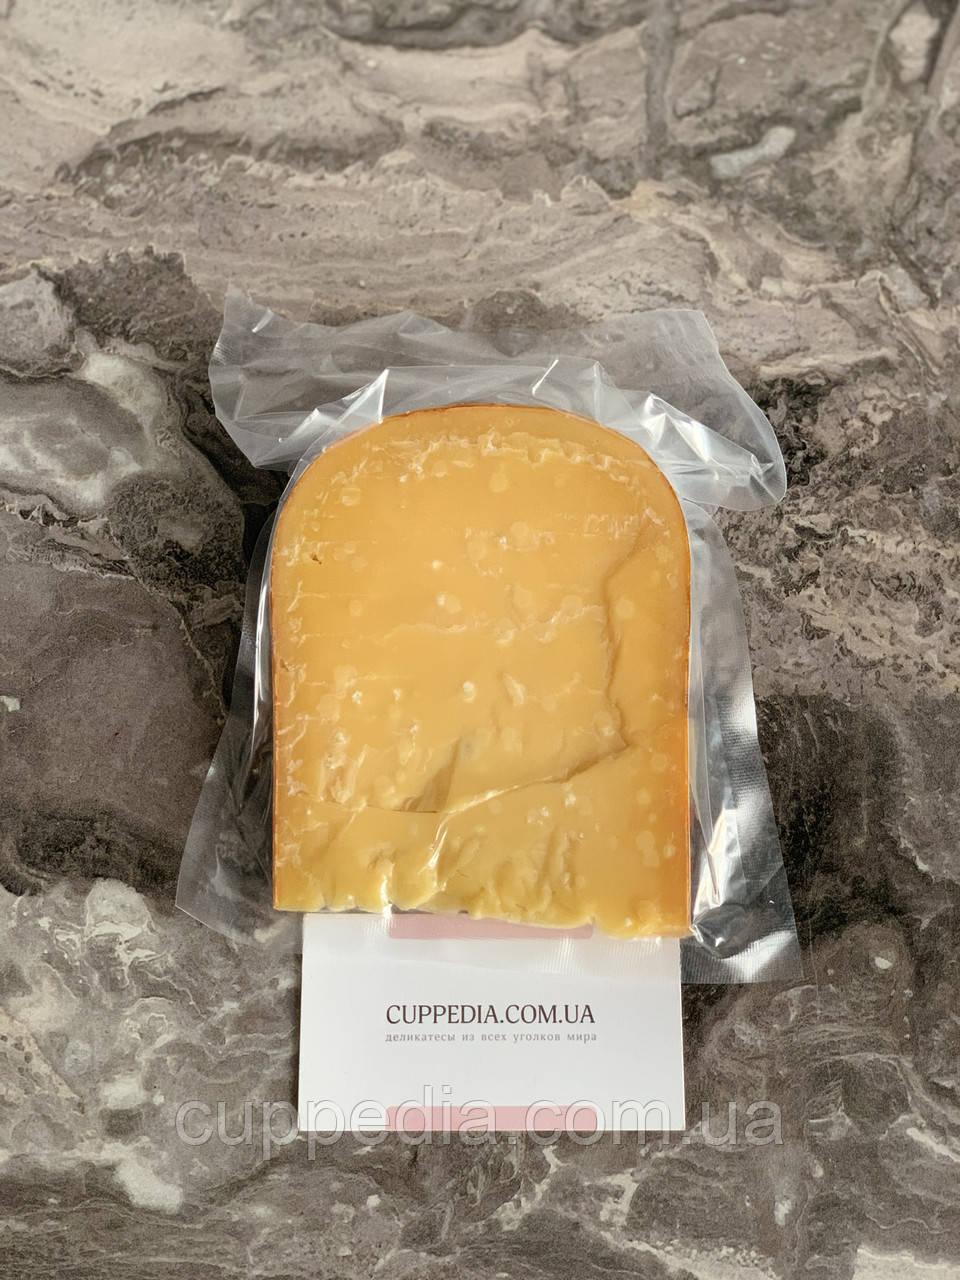 Сыр Landana 1000 дней выдержки (кусочки сыра 250-400 грм)